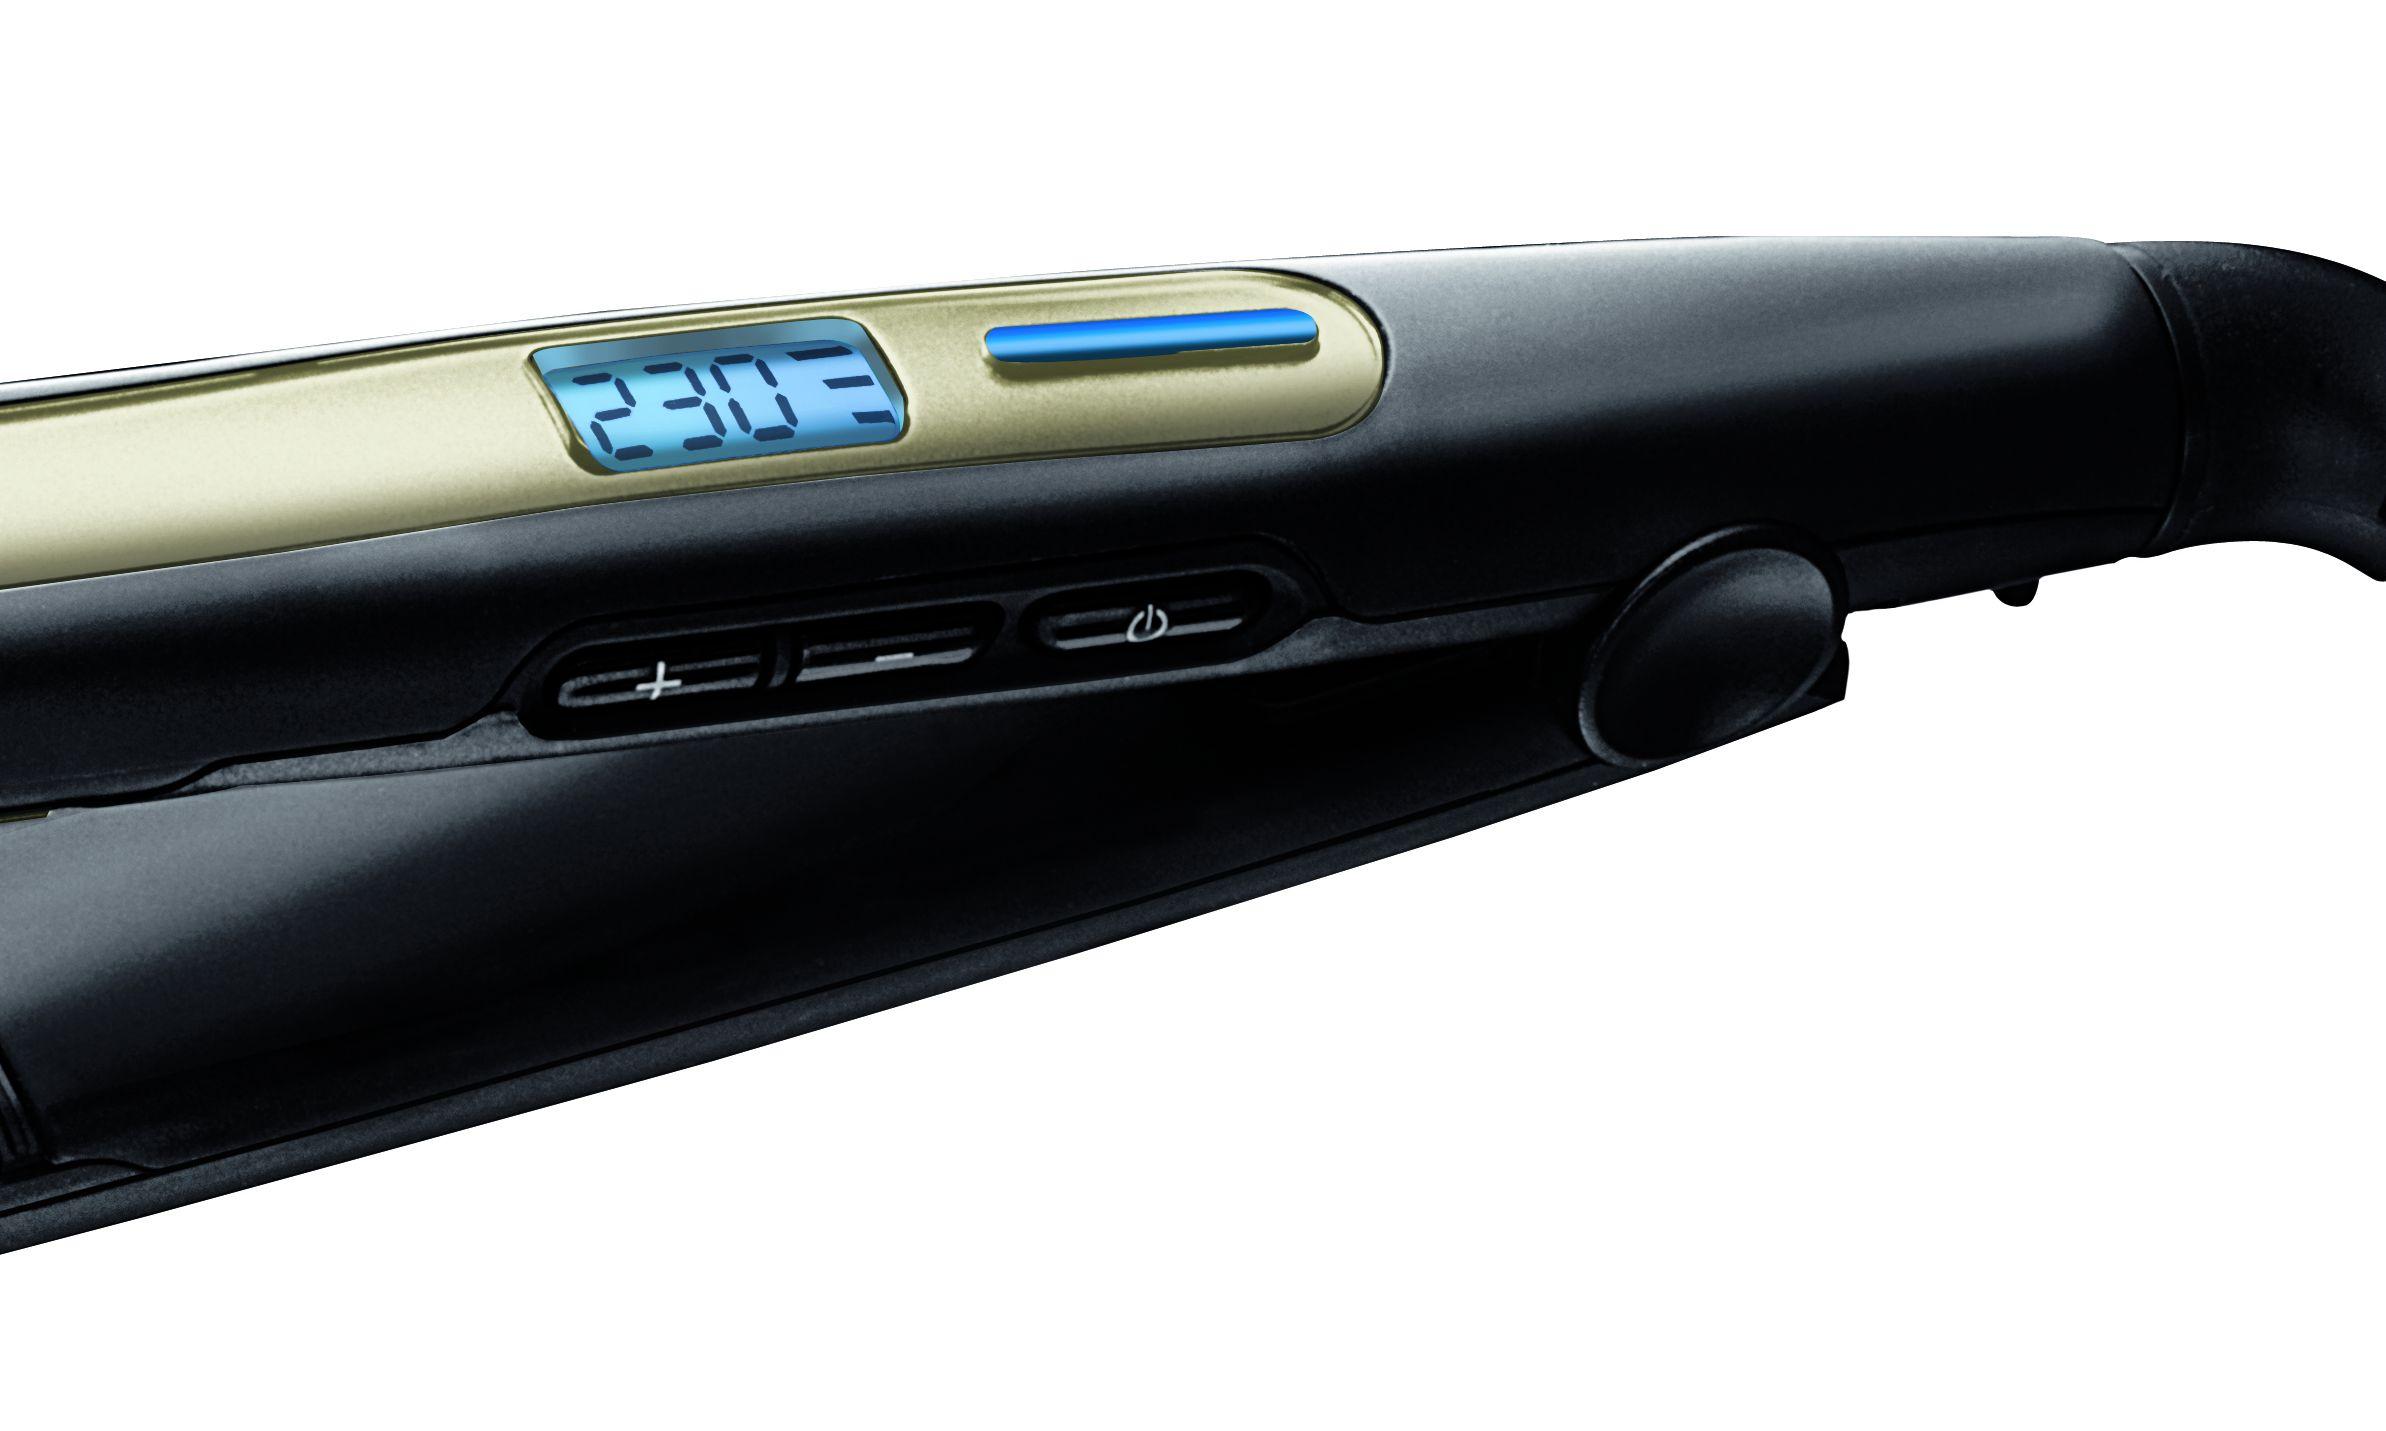 Piastra remington s6500 a met prezzo saldi su internet for Piastra amazon